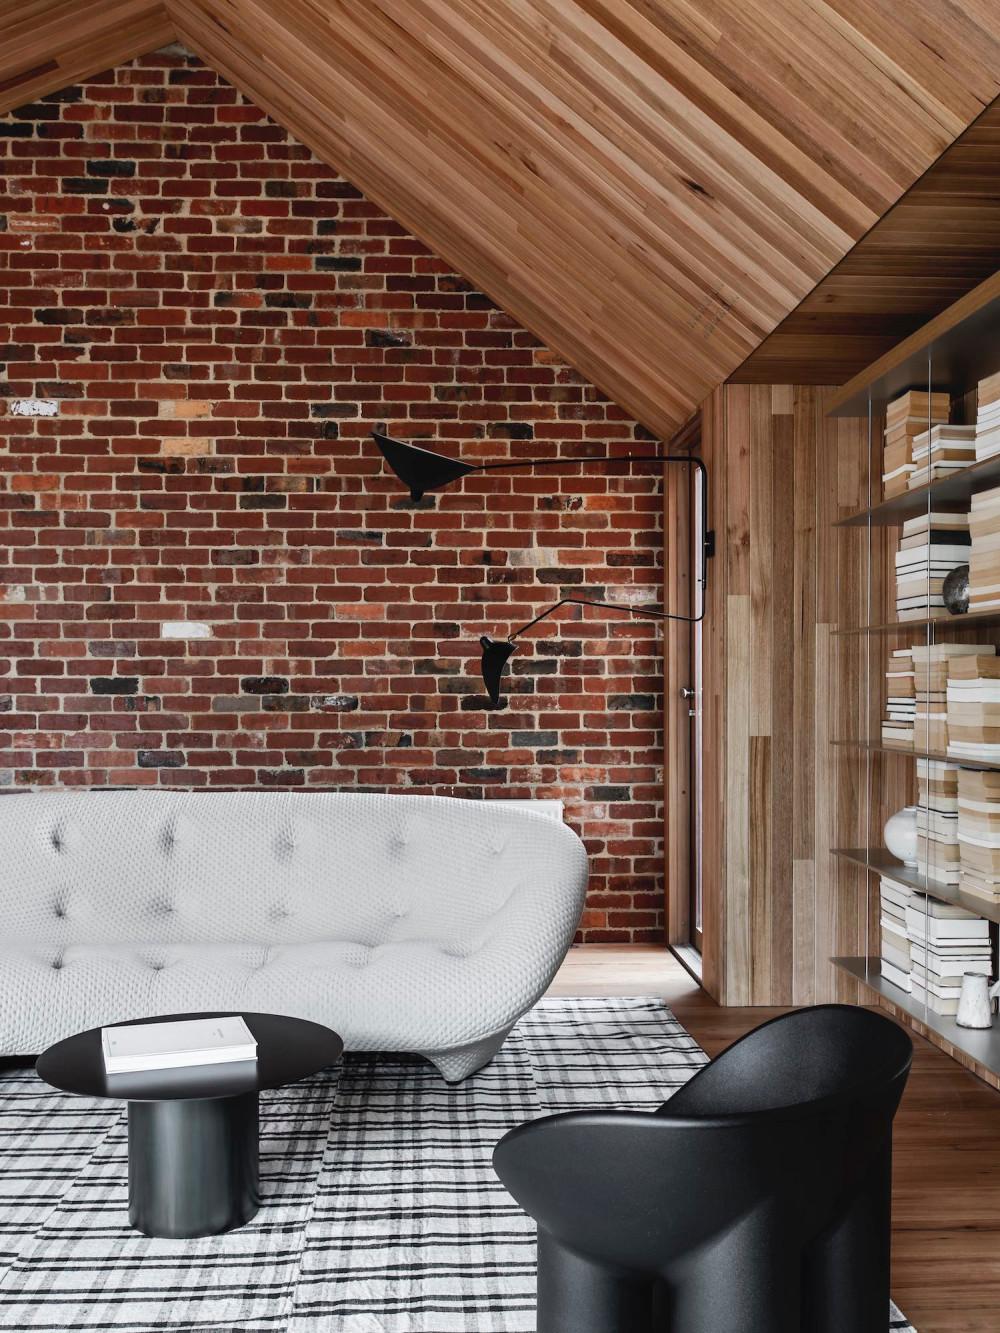 诺斯科特住宅,由Melanie Beynon建筑与设计